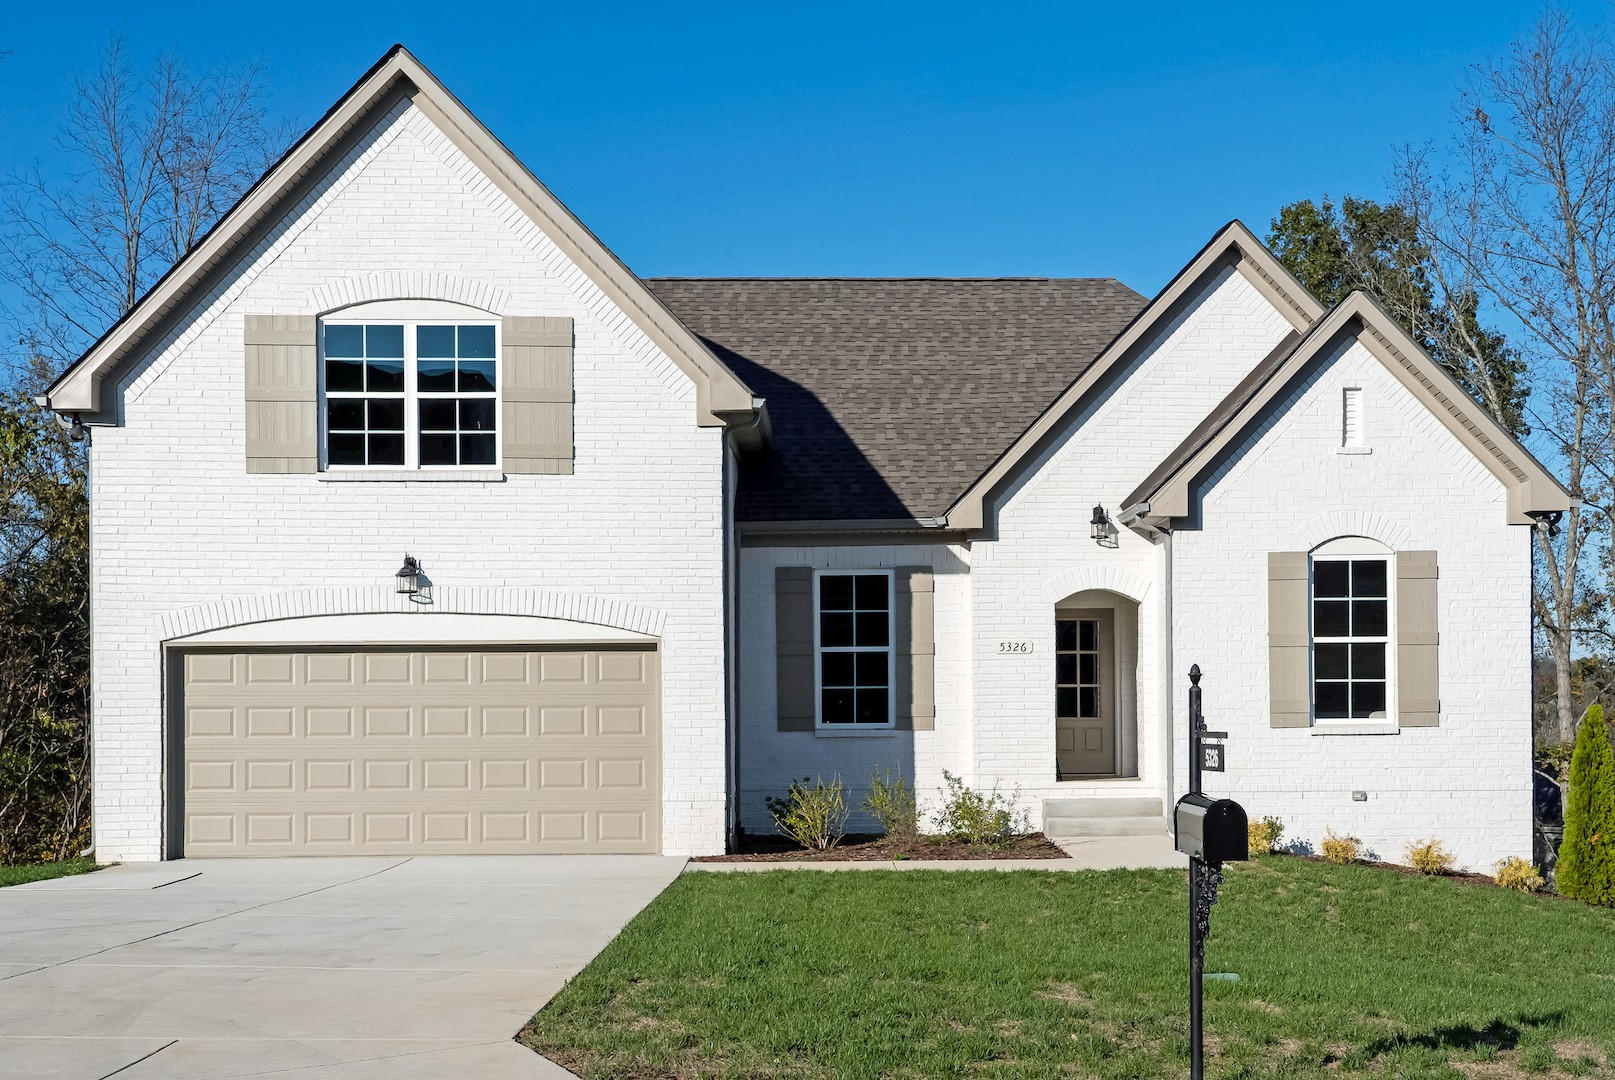 5326 Abbottswood Dr, Smyrna, TN 37167 - Smyrna, TN real estate listing